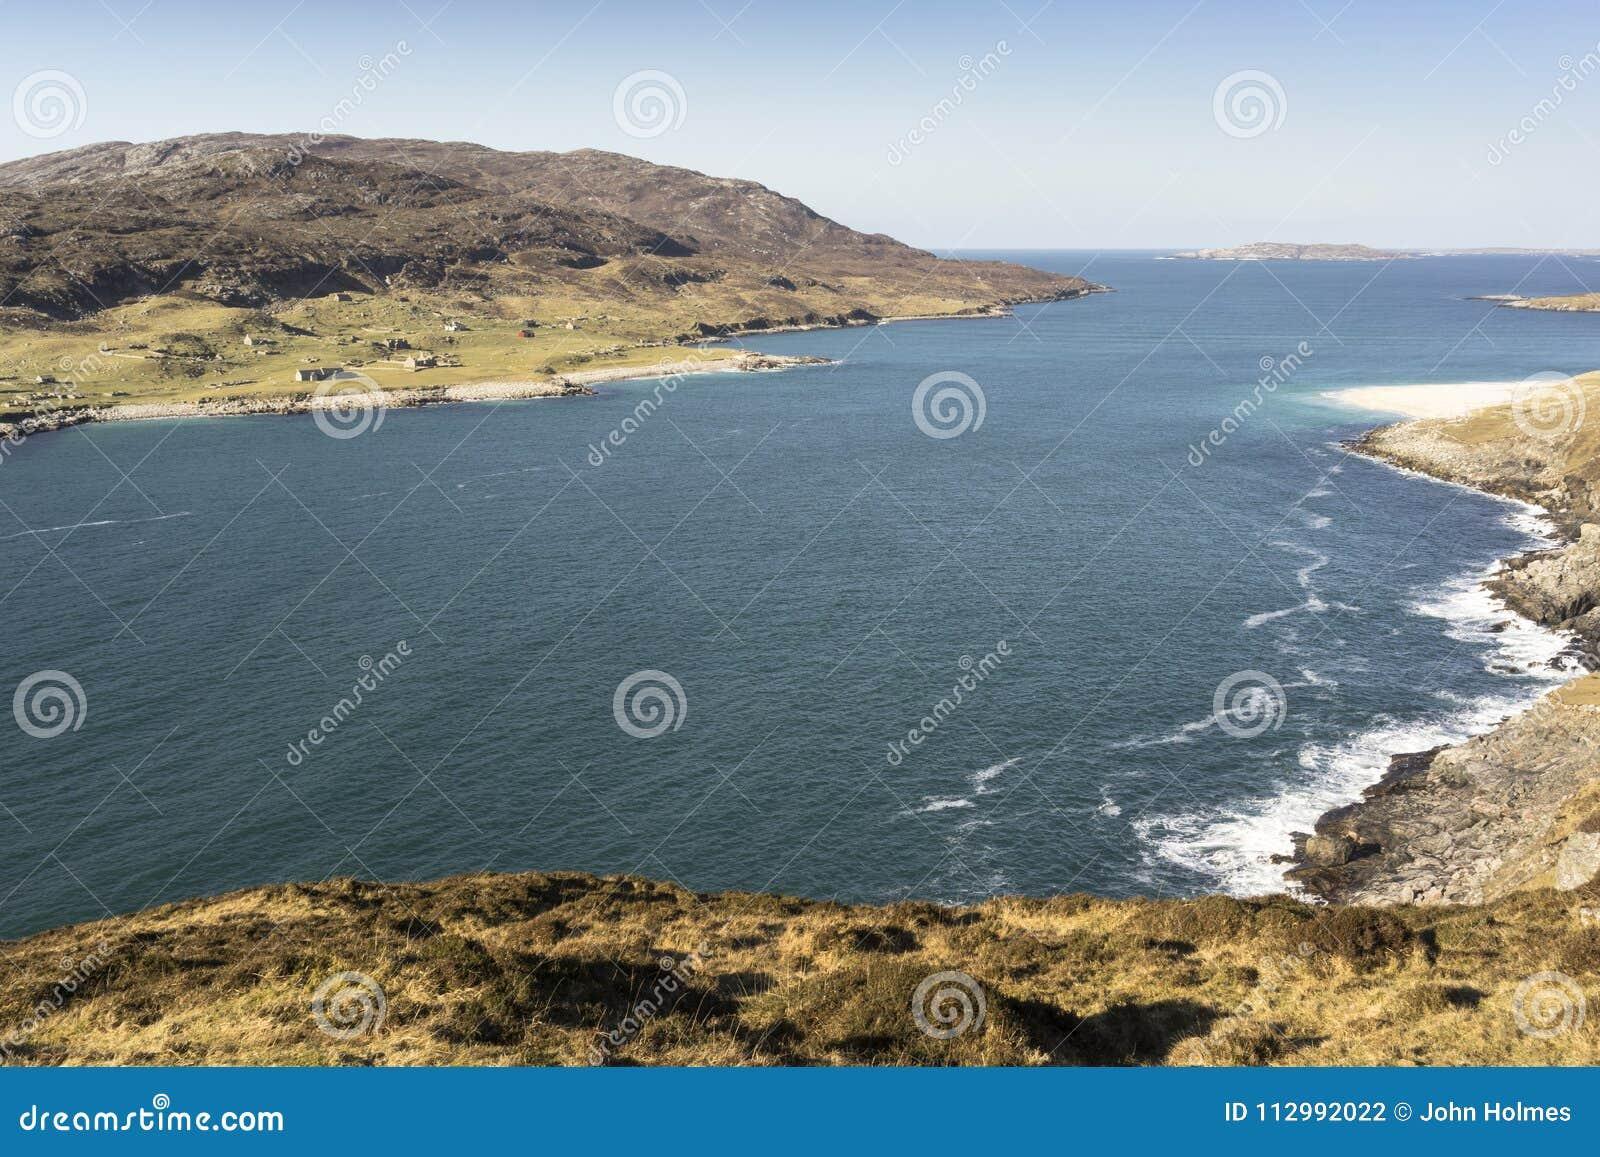 Hushinish coastline and the Isle of Scarp.